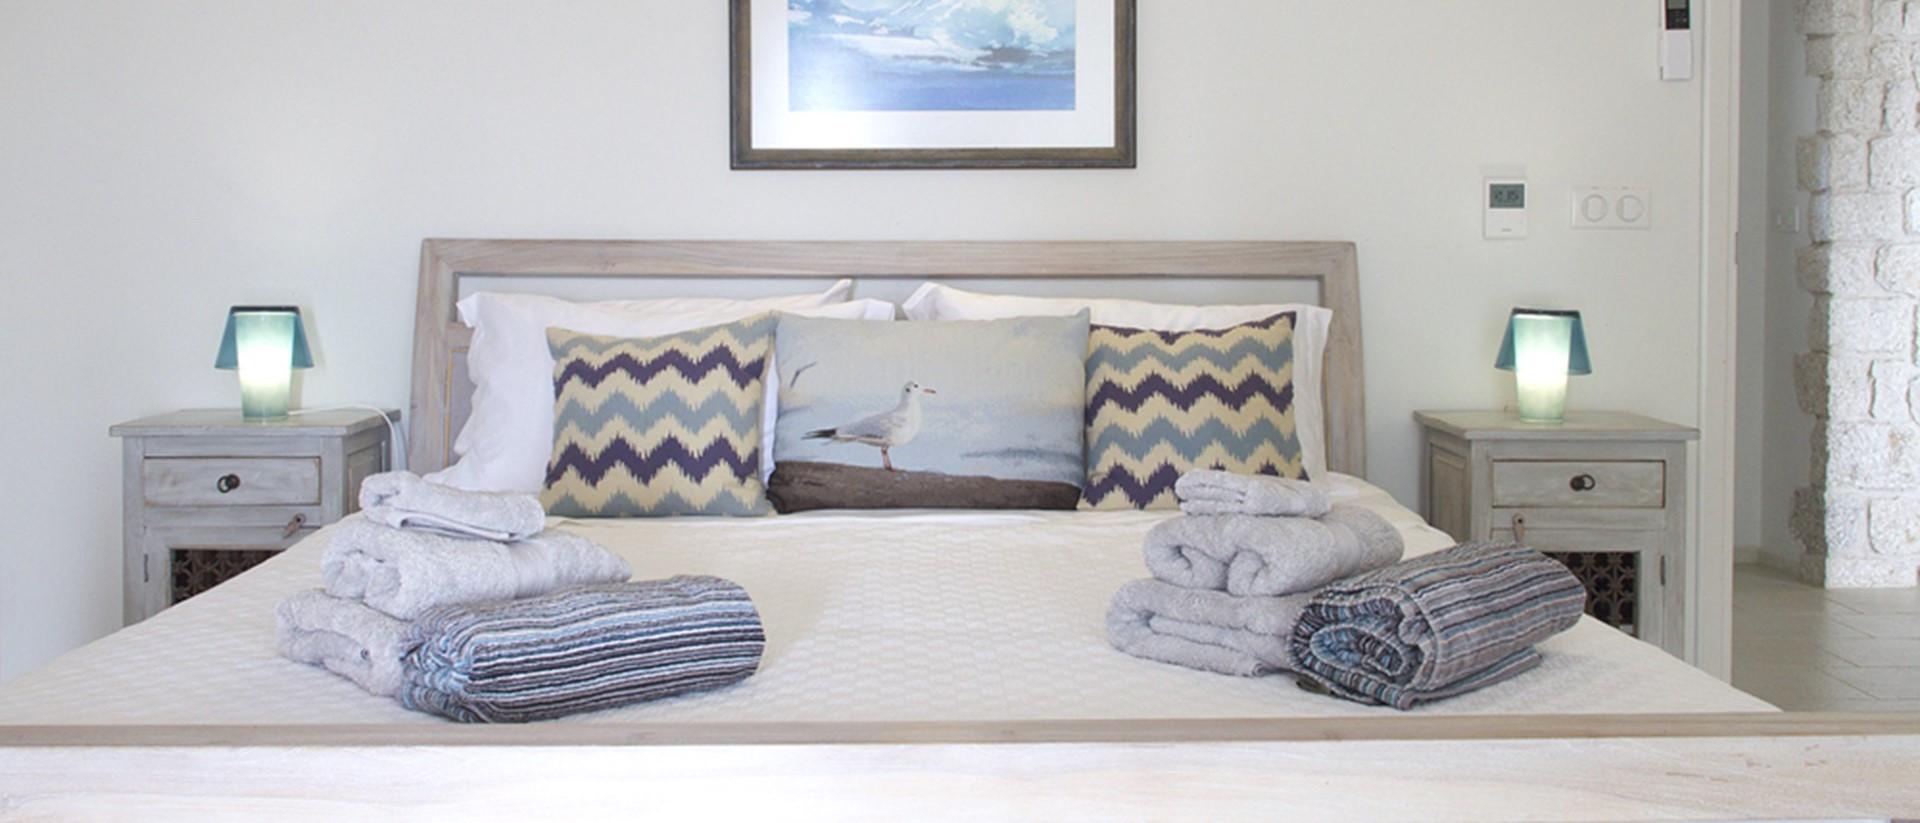 nissaki-house-pool-bedroom